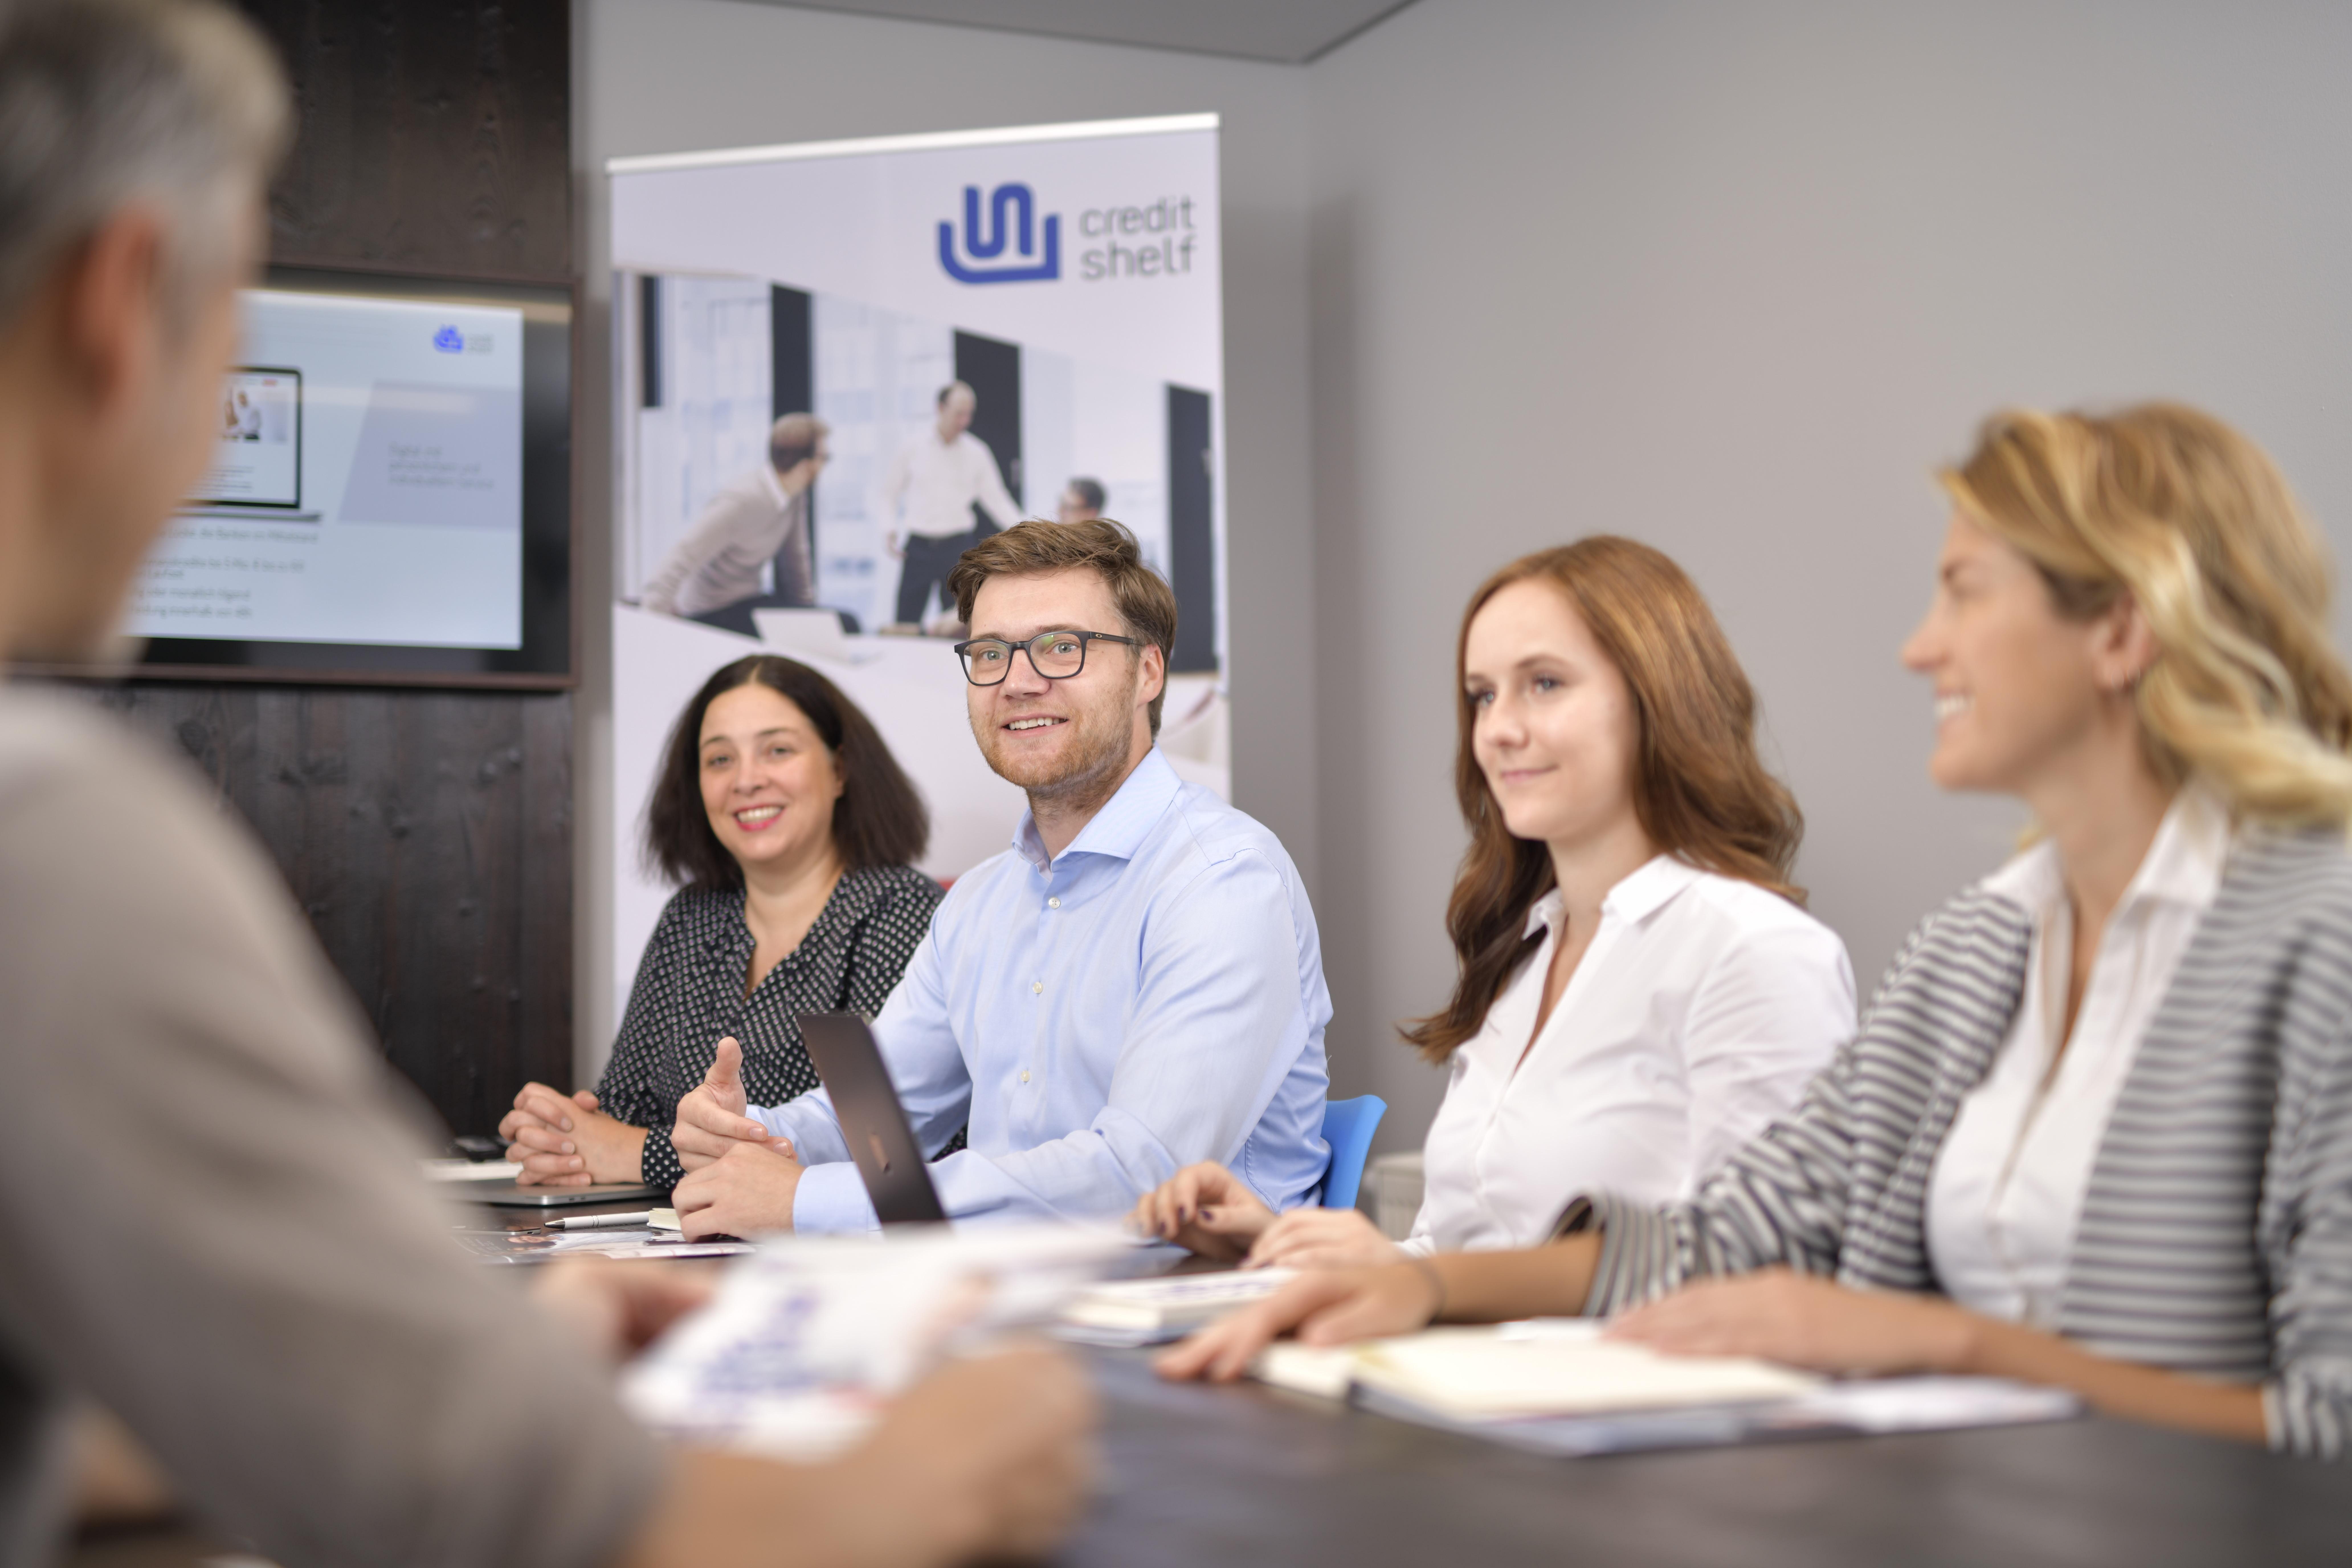 Gruppenbild von creditshelf Mitarbeitern Nah am Kunden